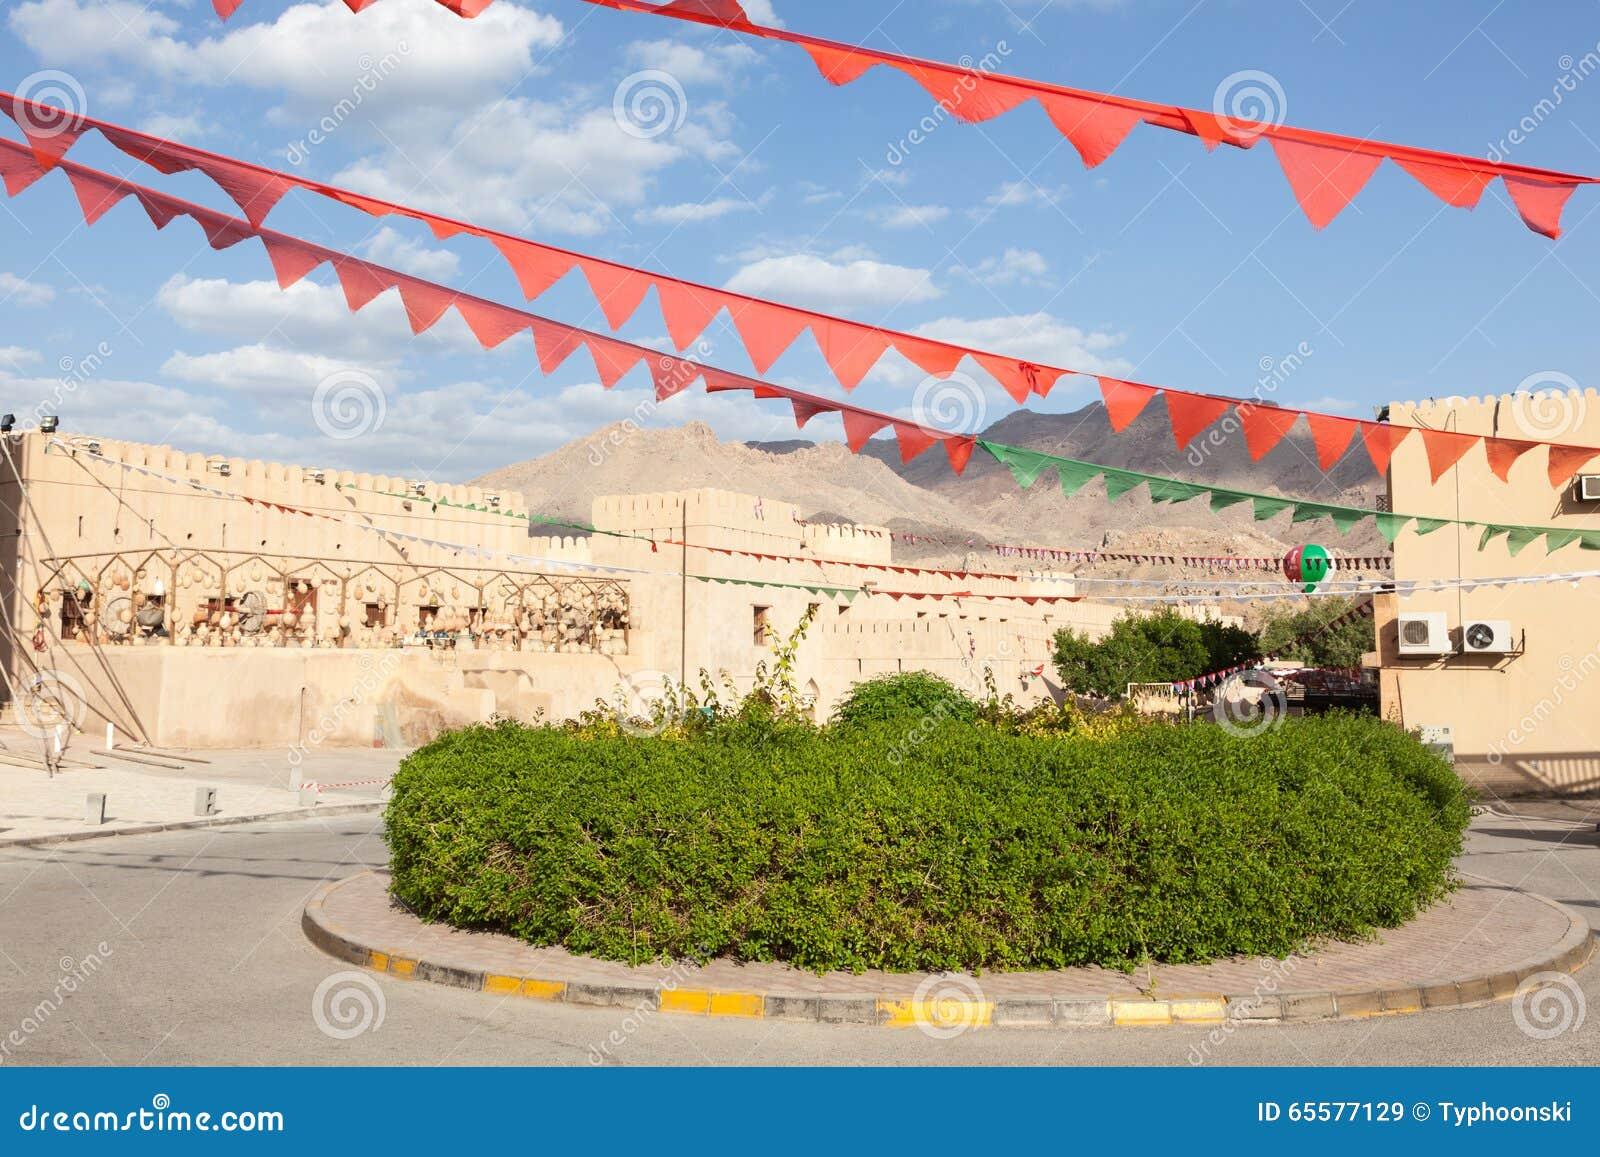 Carrossel verde em Nizwa, Omã